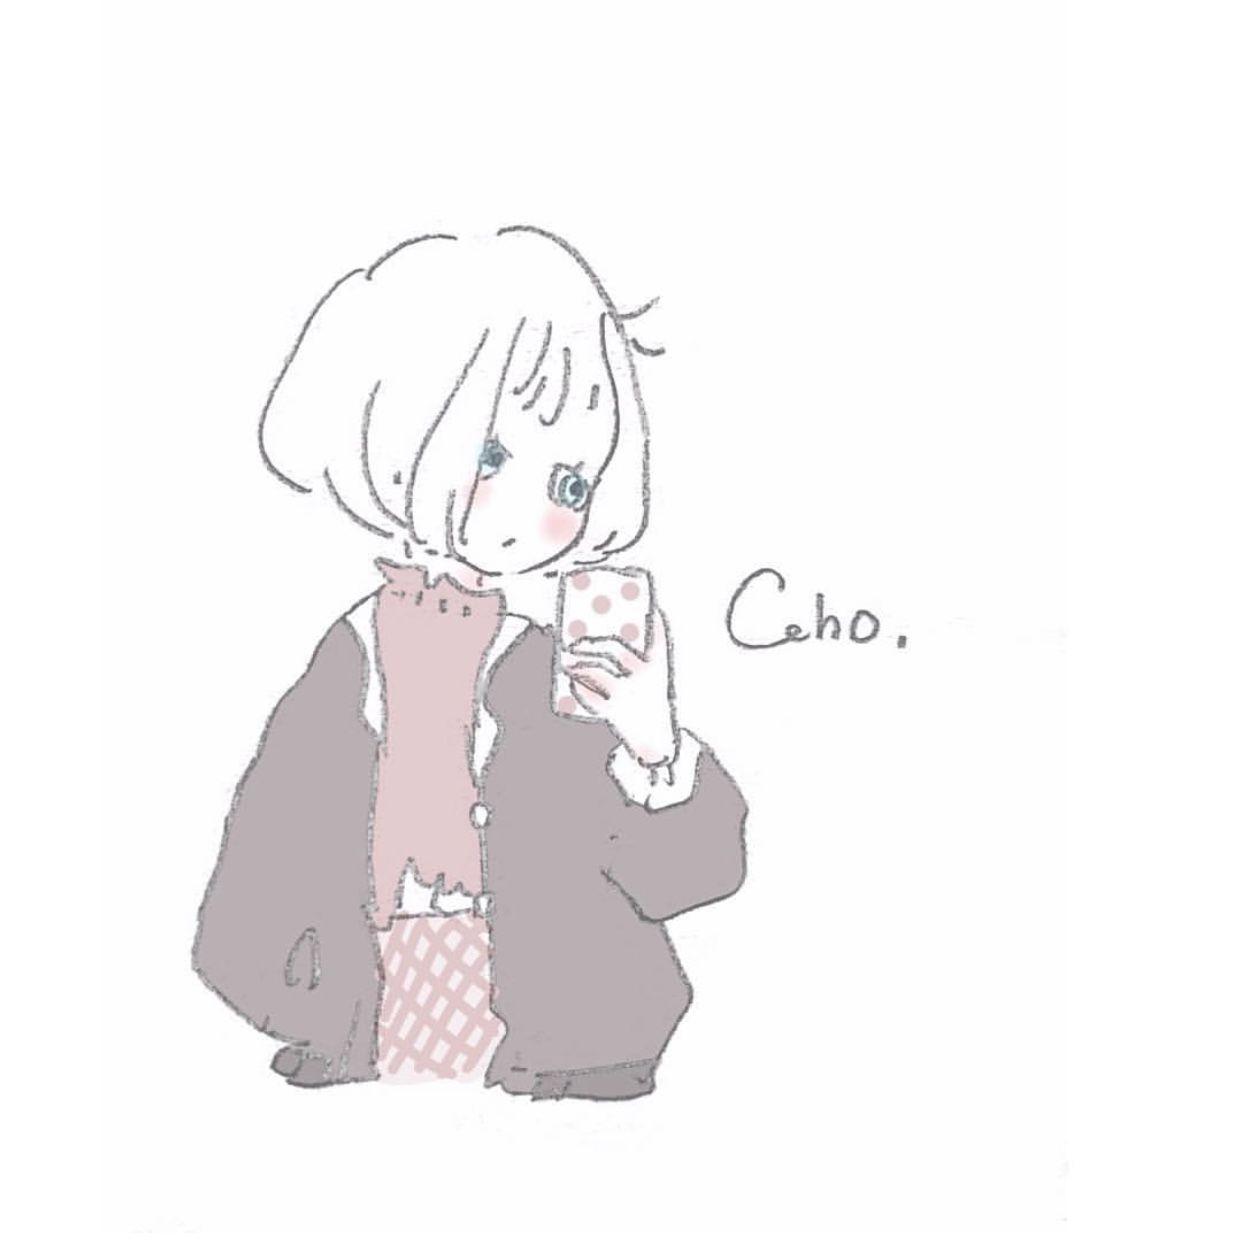 Caho art」おしゃれまとめの人気アイデア|Pinterest|Monk | かわいいスケッチ, Caho イラスト, かわいい イラスト 手書き